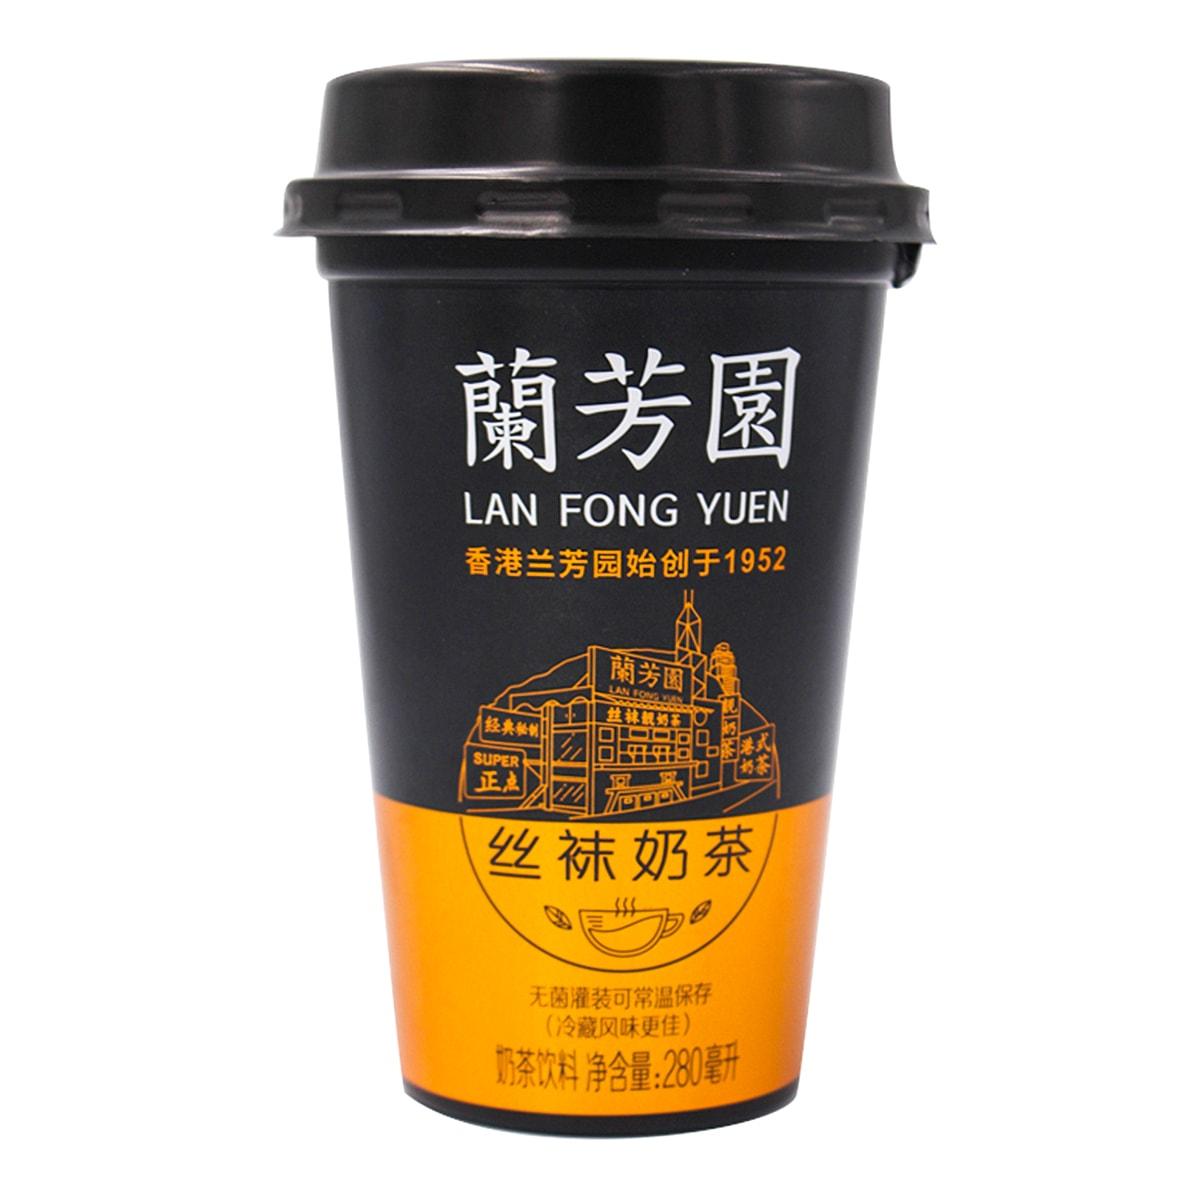 香港兰芳园 正宗港式丝袜奶茶 开盖即饮 280ml 【新老包装随机发】 怎么样 - 亚米网